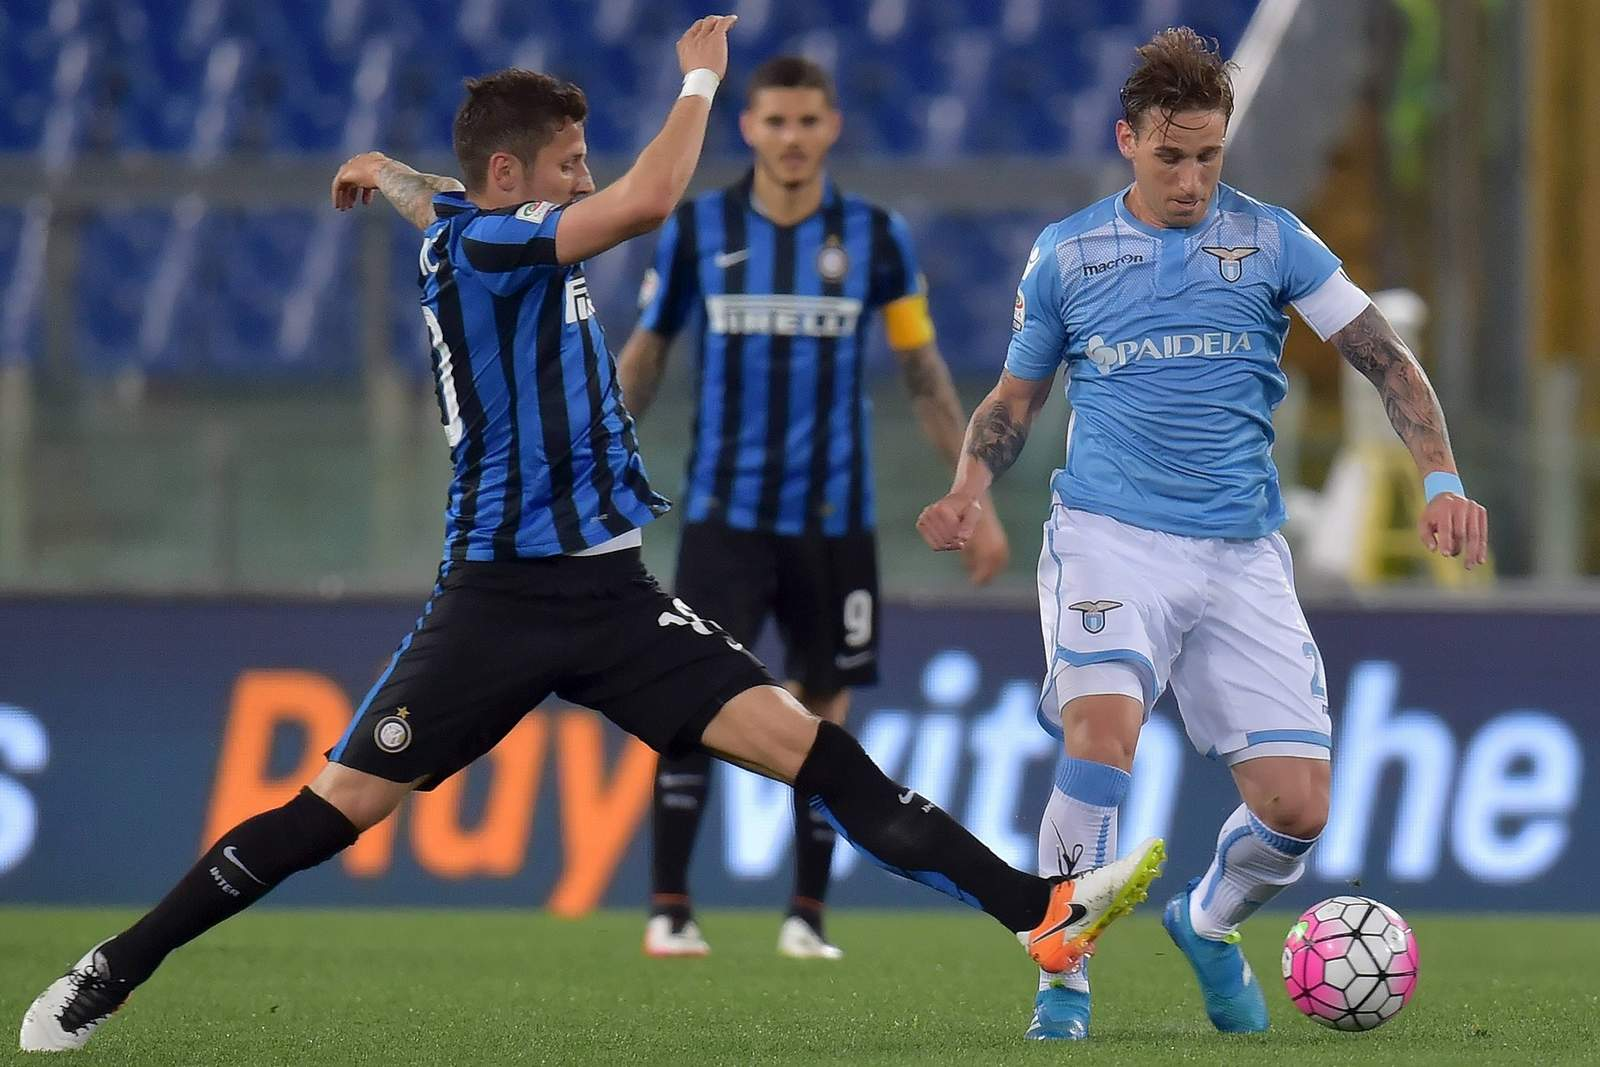 Setzt sich Jovetic gegen Biglia durch? Jetzt Inter Mailand gegen Lazio Rom im Livestream schauen